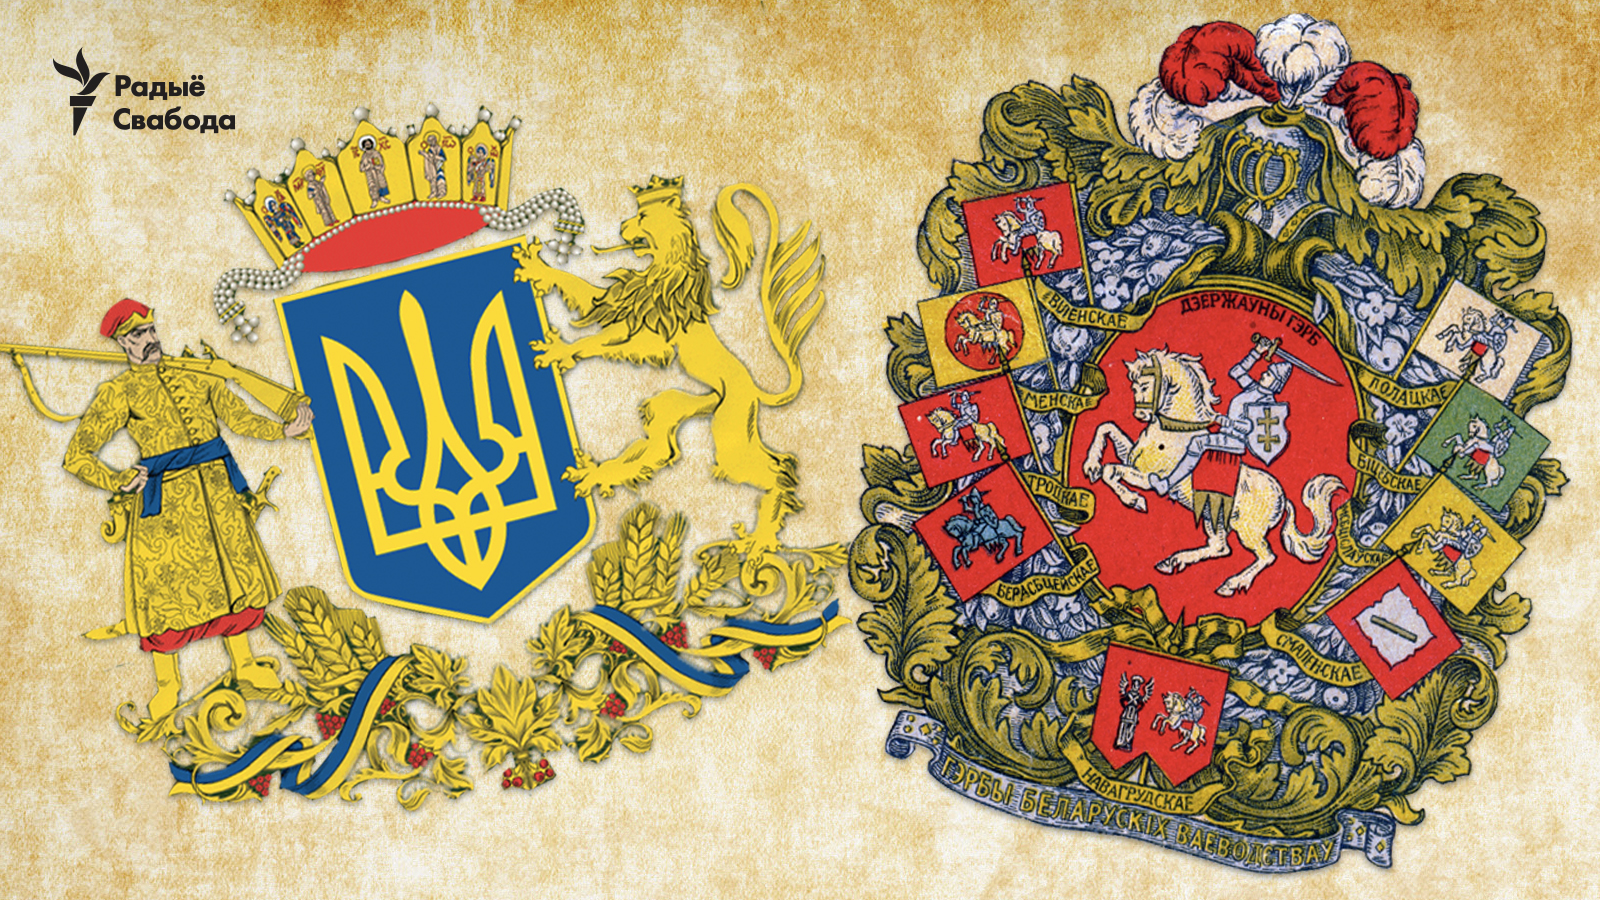 Ці не заблукаеце вы ў беларуска-ўкраінскіх гістарычных лябірынтах?